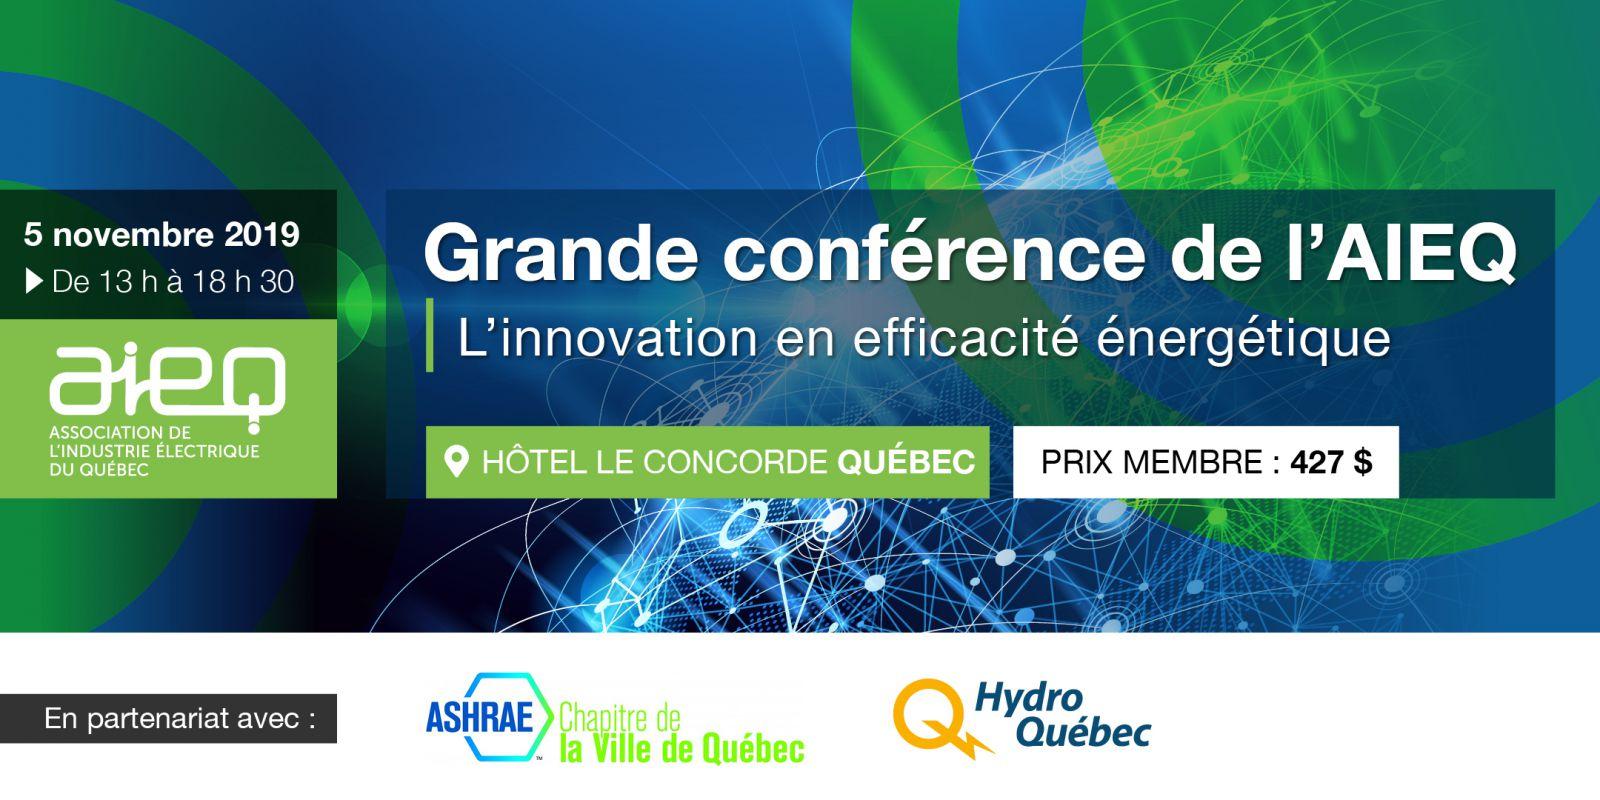 Bannière Grande conférence sur l'efficacité énergétique à Québec - AIEQ